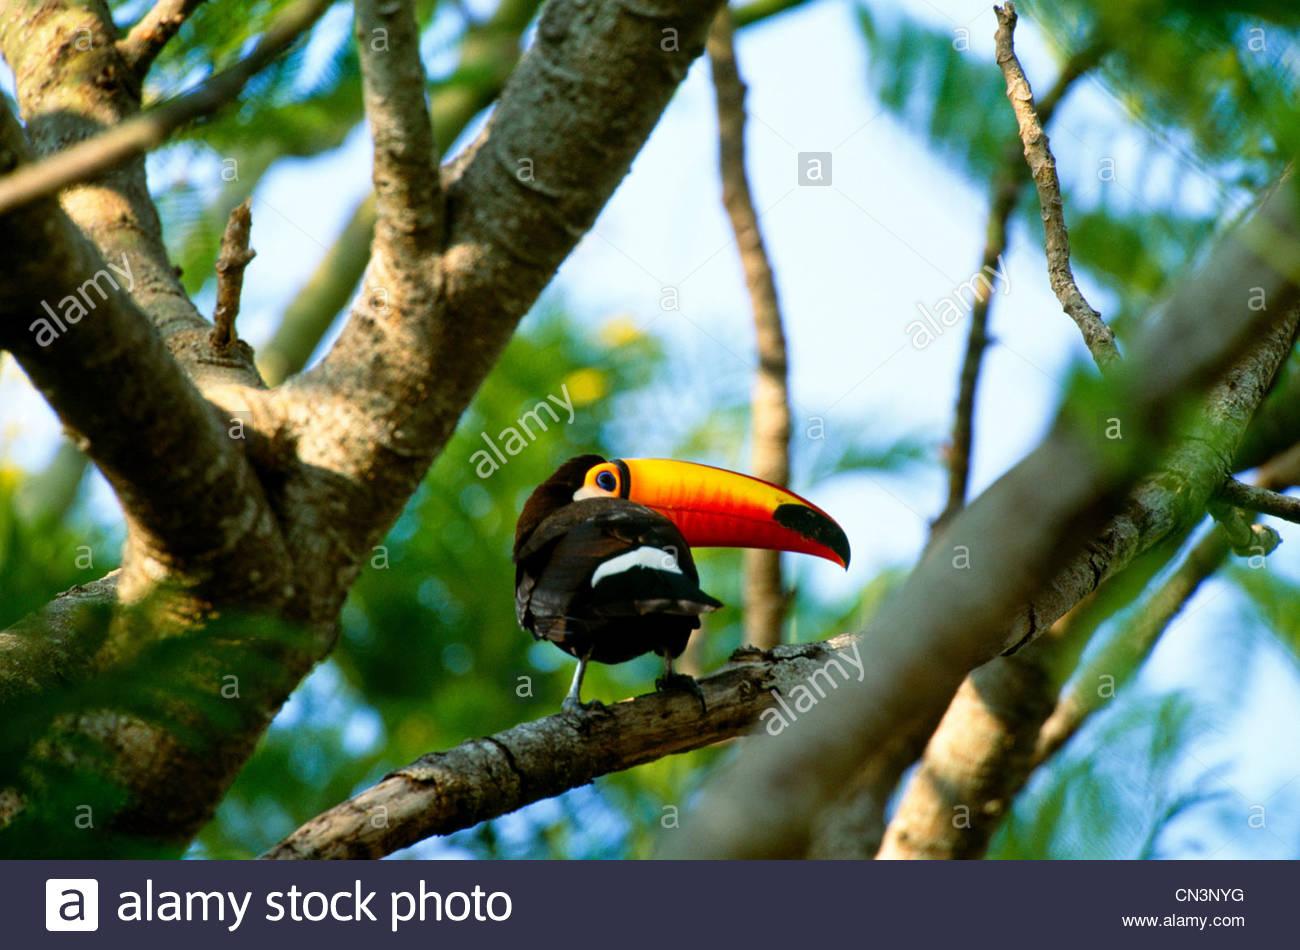 Toco Toucan, Pantanal, Brazil - Stock Image